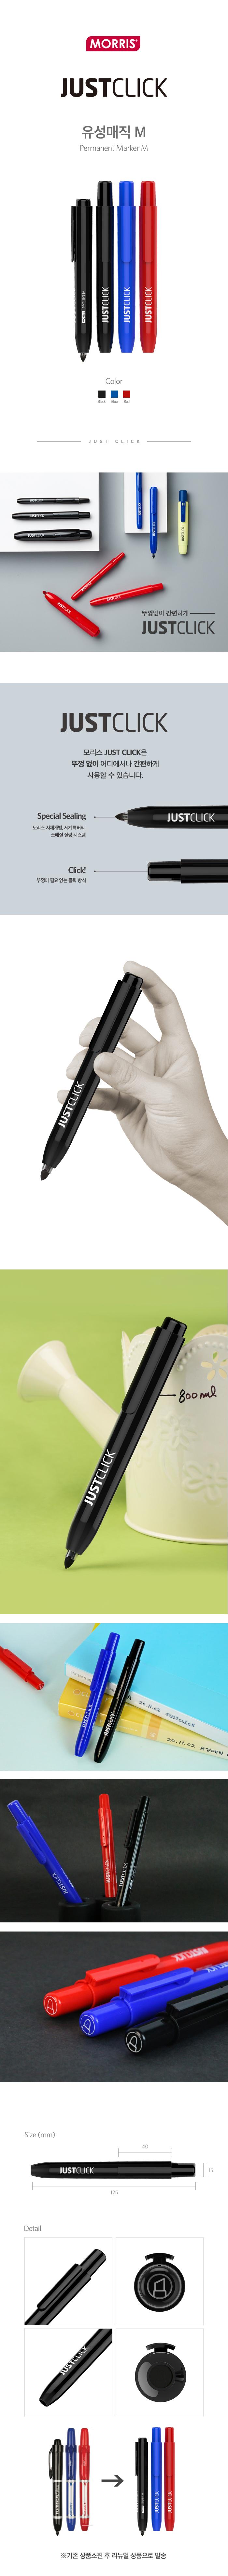 모리스 퀵마크유성매직M(흑색 1자루 1.5mm)1,400원-오피스넥스디자인문구, 필기류, 형광펜, 특수마카바보사랑모리스 퀵마크유성매직M(흑색 1자루 1.5mm)1,400원-오피스넥스디자인문구, 필기류, 형광펜, 특수마카바보사랑